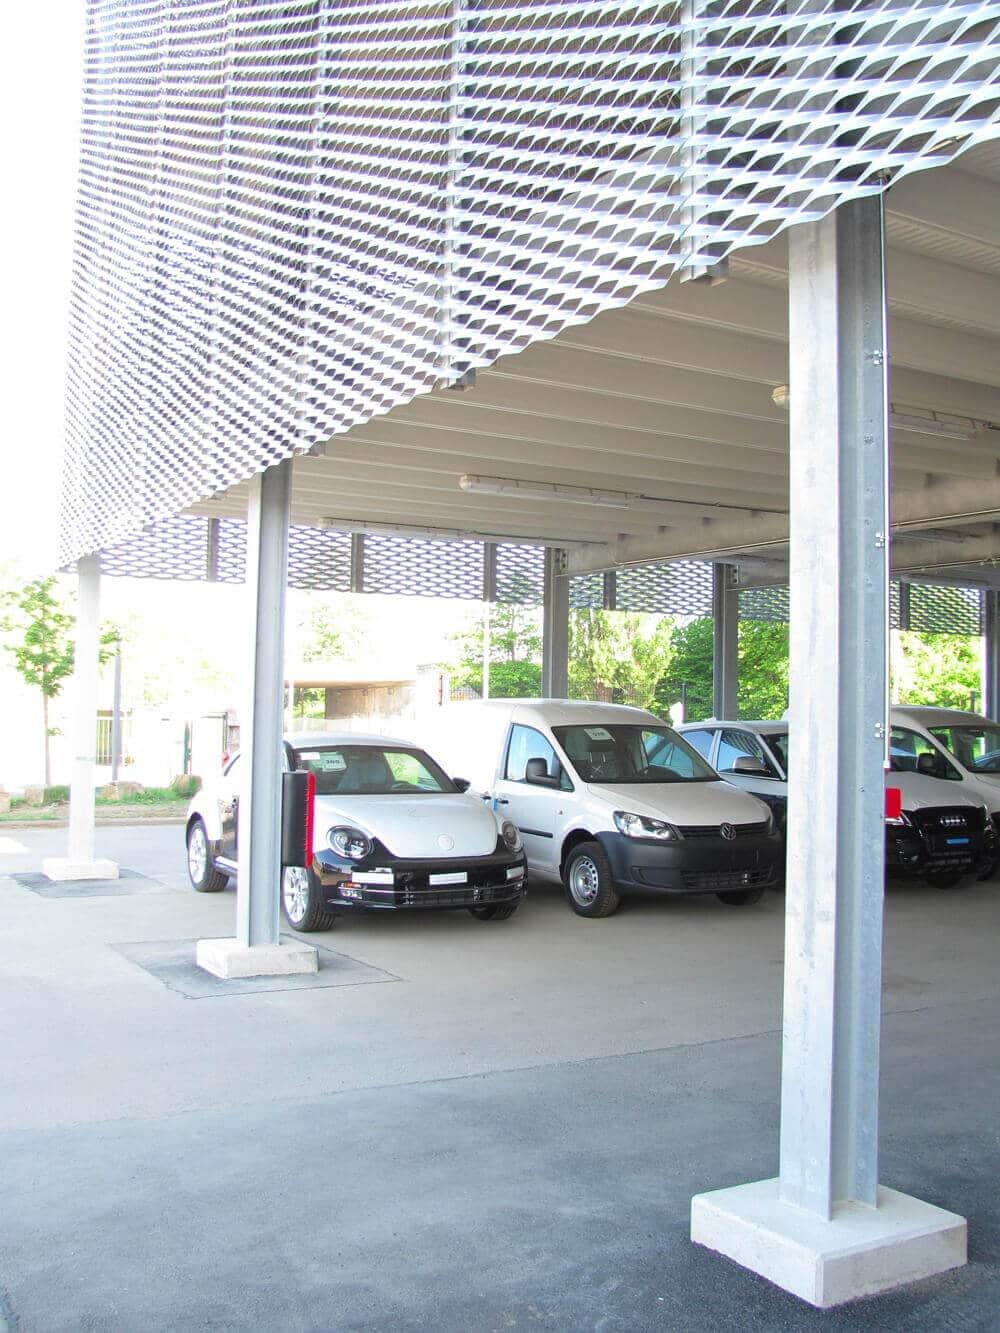 Fahrzeugausstellung in einem Astron Parkhaus